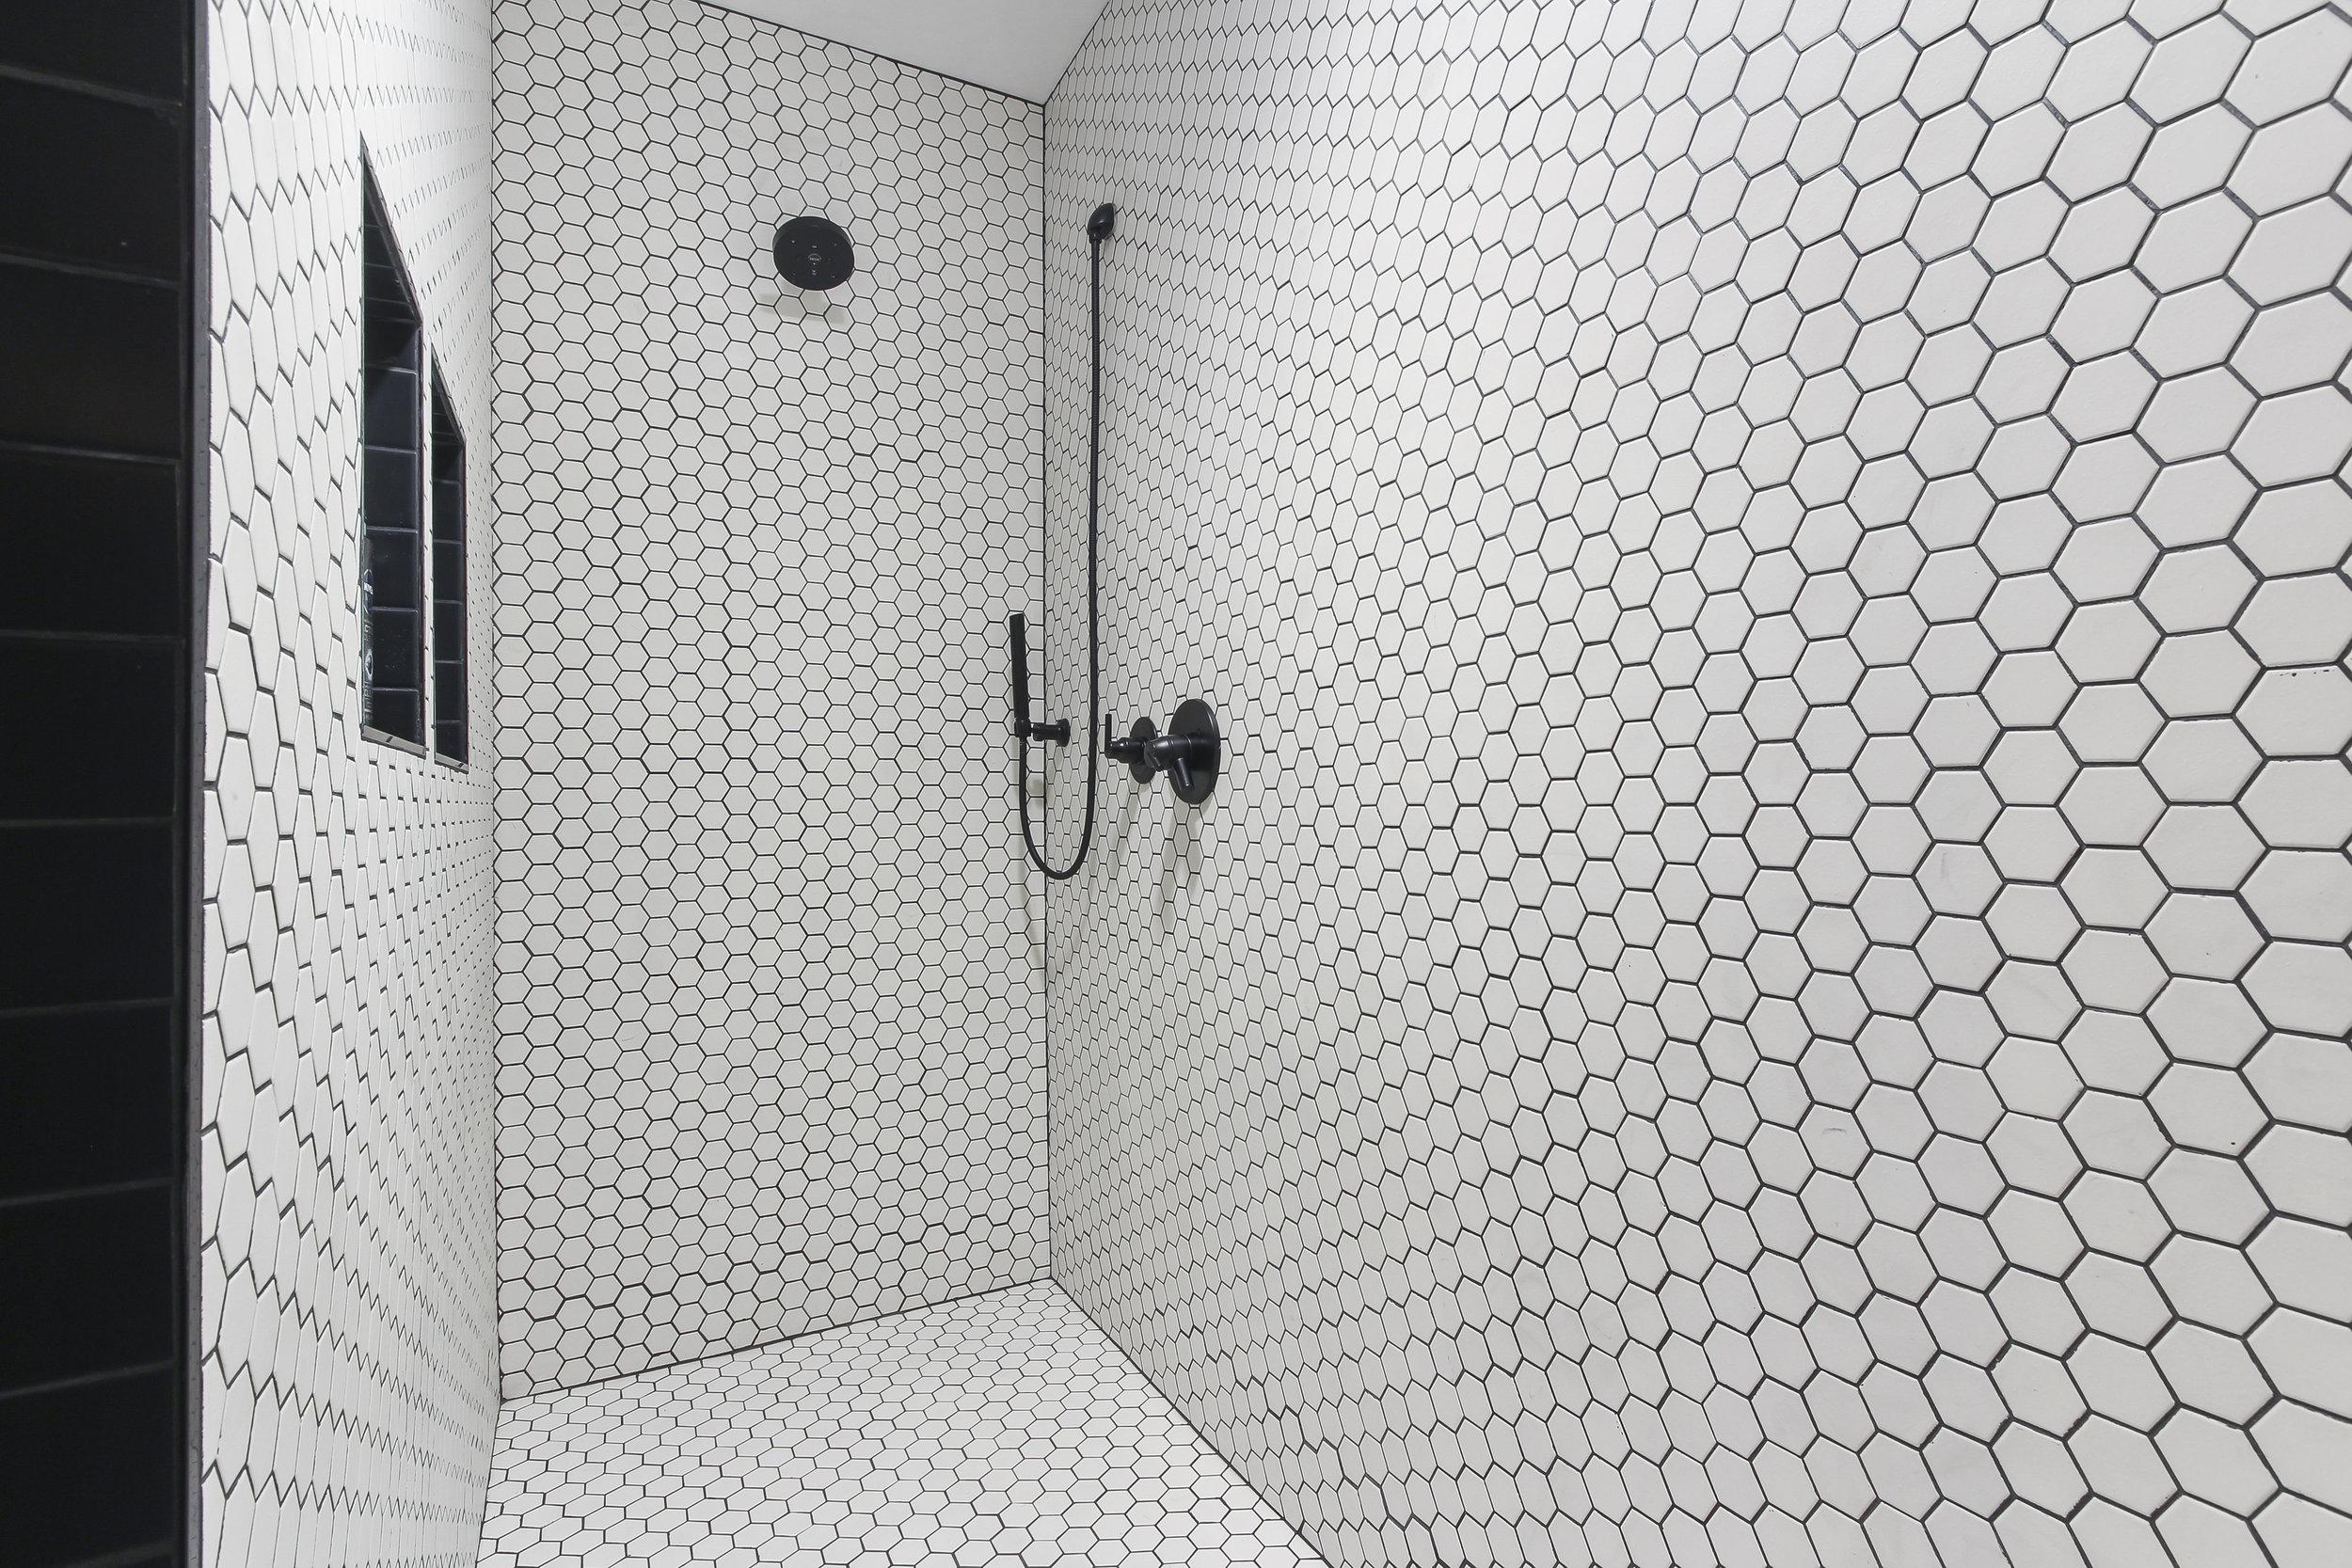 White Hexagon Tile Shower Design.jpg